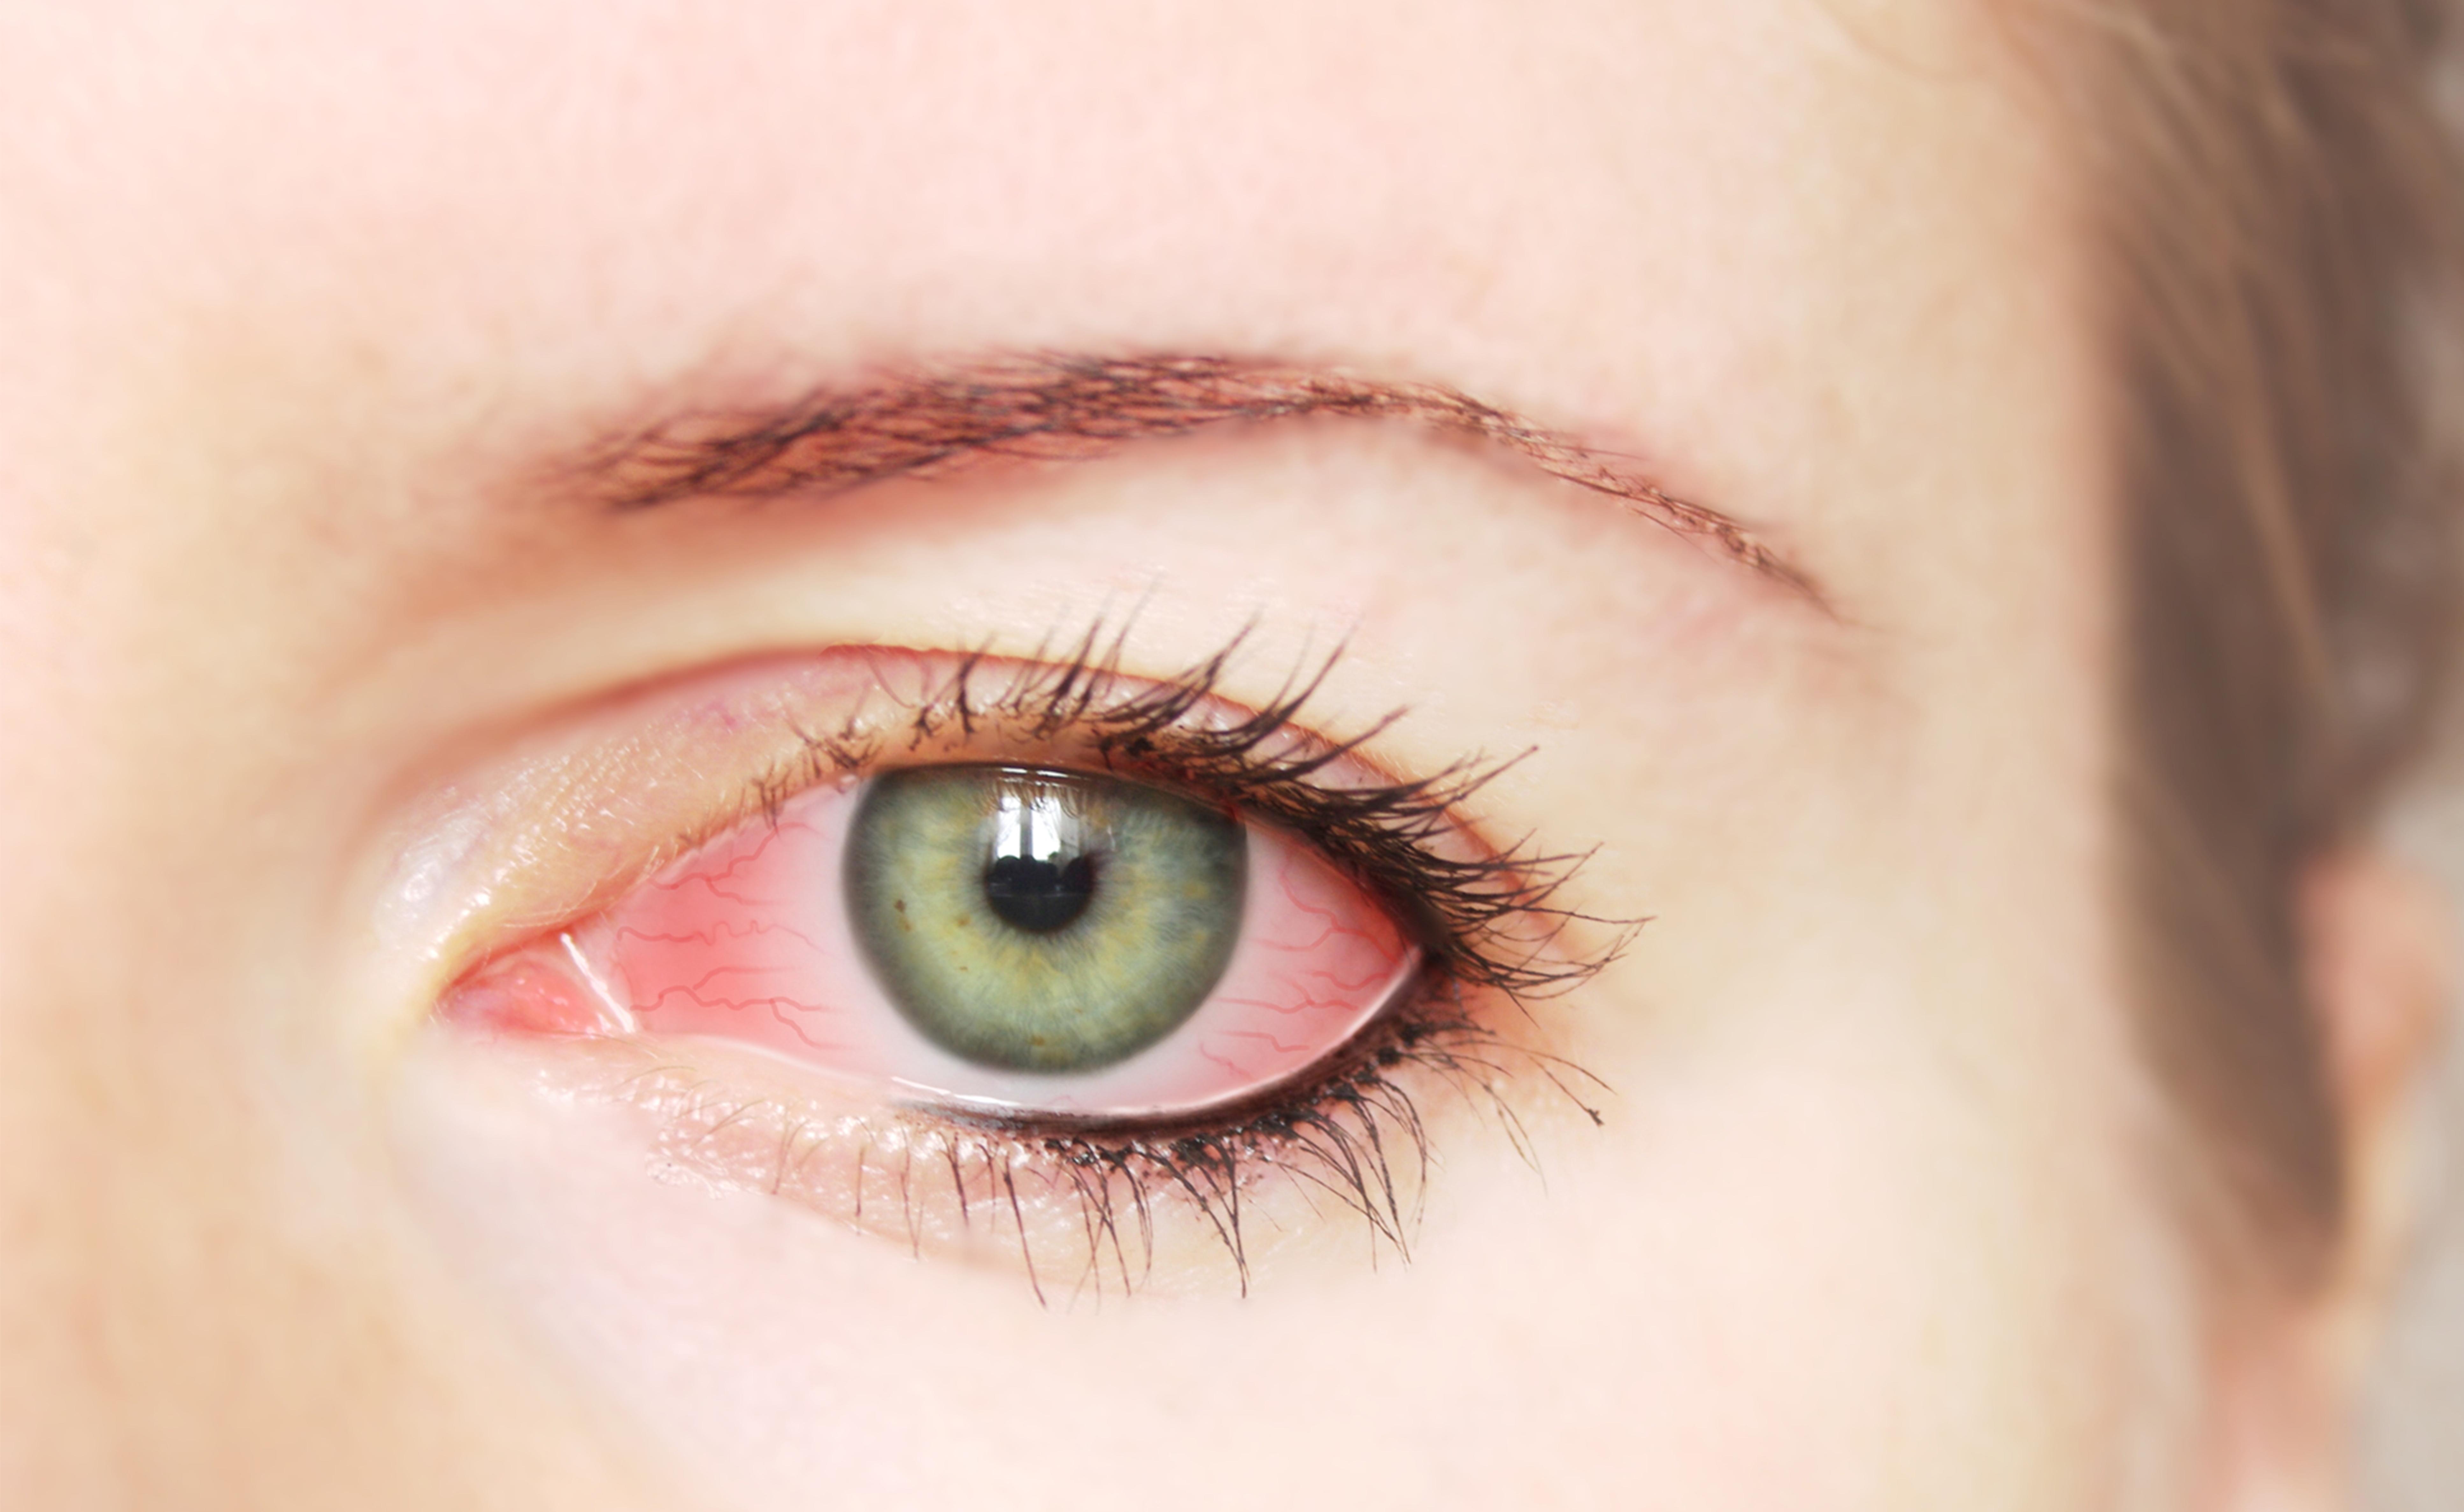 Quali sono le cause di quelle macchie rosse negli occhi?